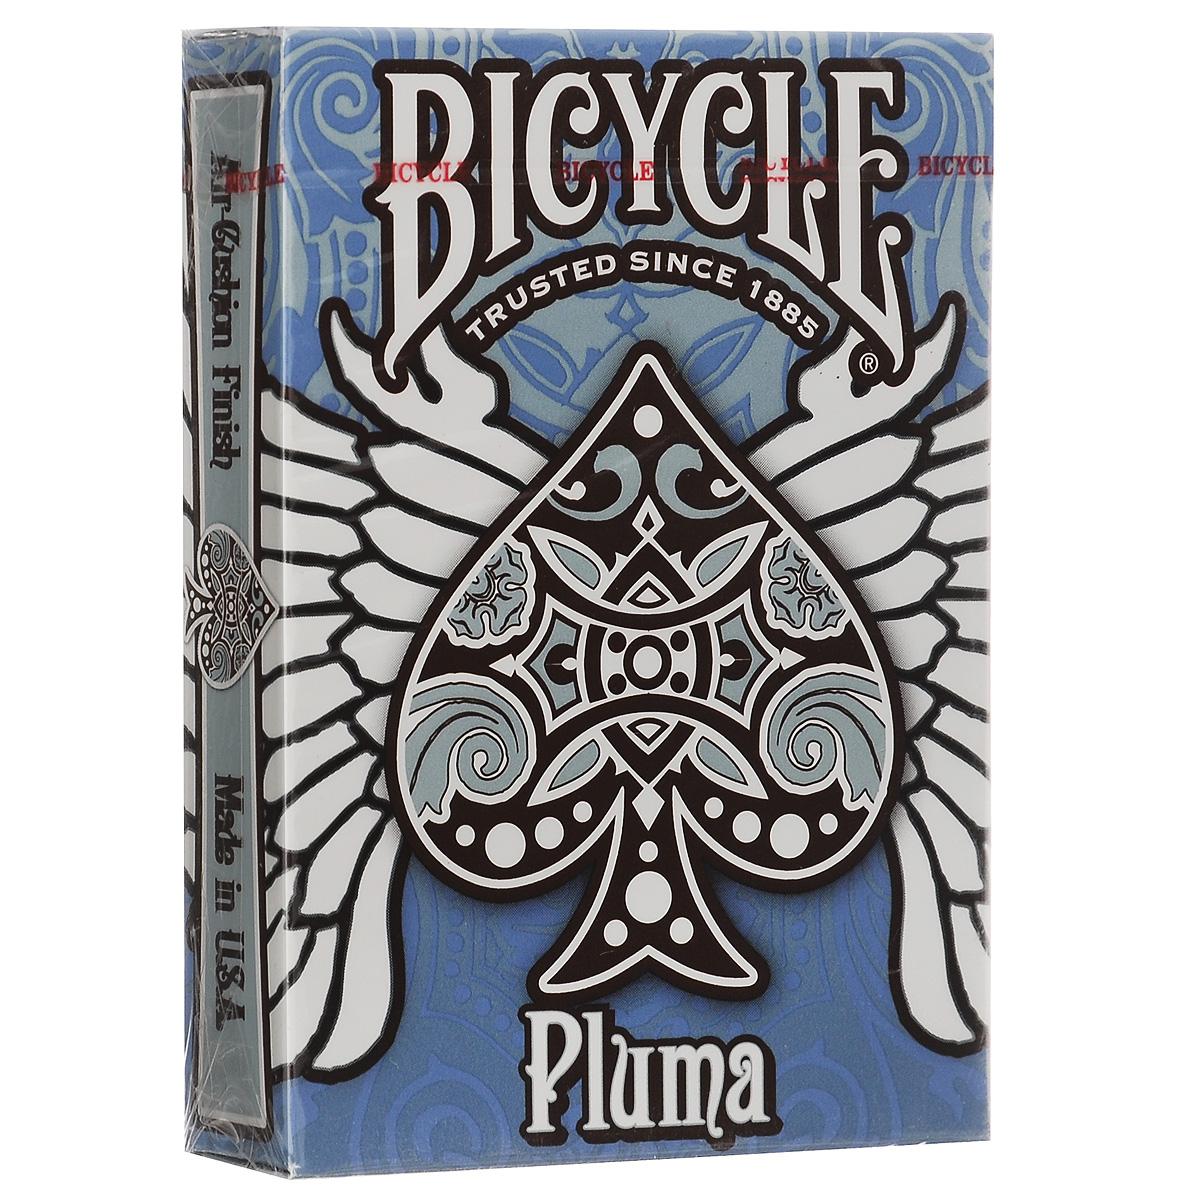 Игральные карты Bicycle Pluma, цвет: синийК-320Колода Pluma - колода племенных и животных мотивов, обновленная версия исторической группы колод Bicycle. Синяя и коричневая гамма ассоциируется с небом и землей. Pluma - настоящее произведение искусства.